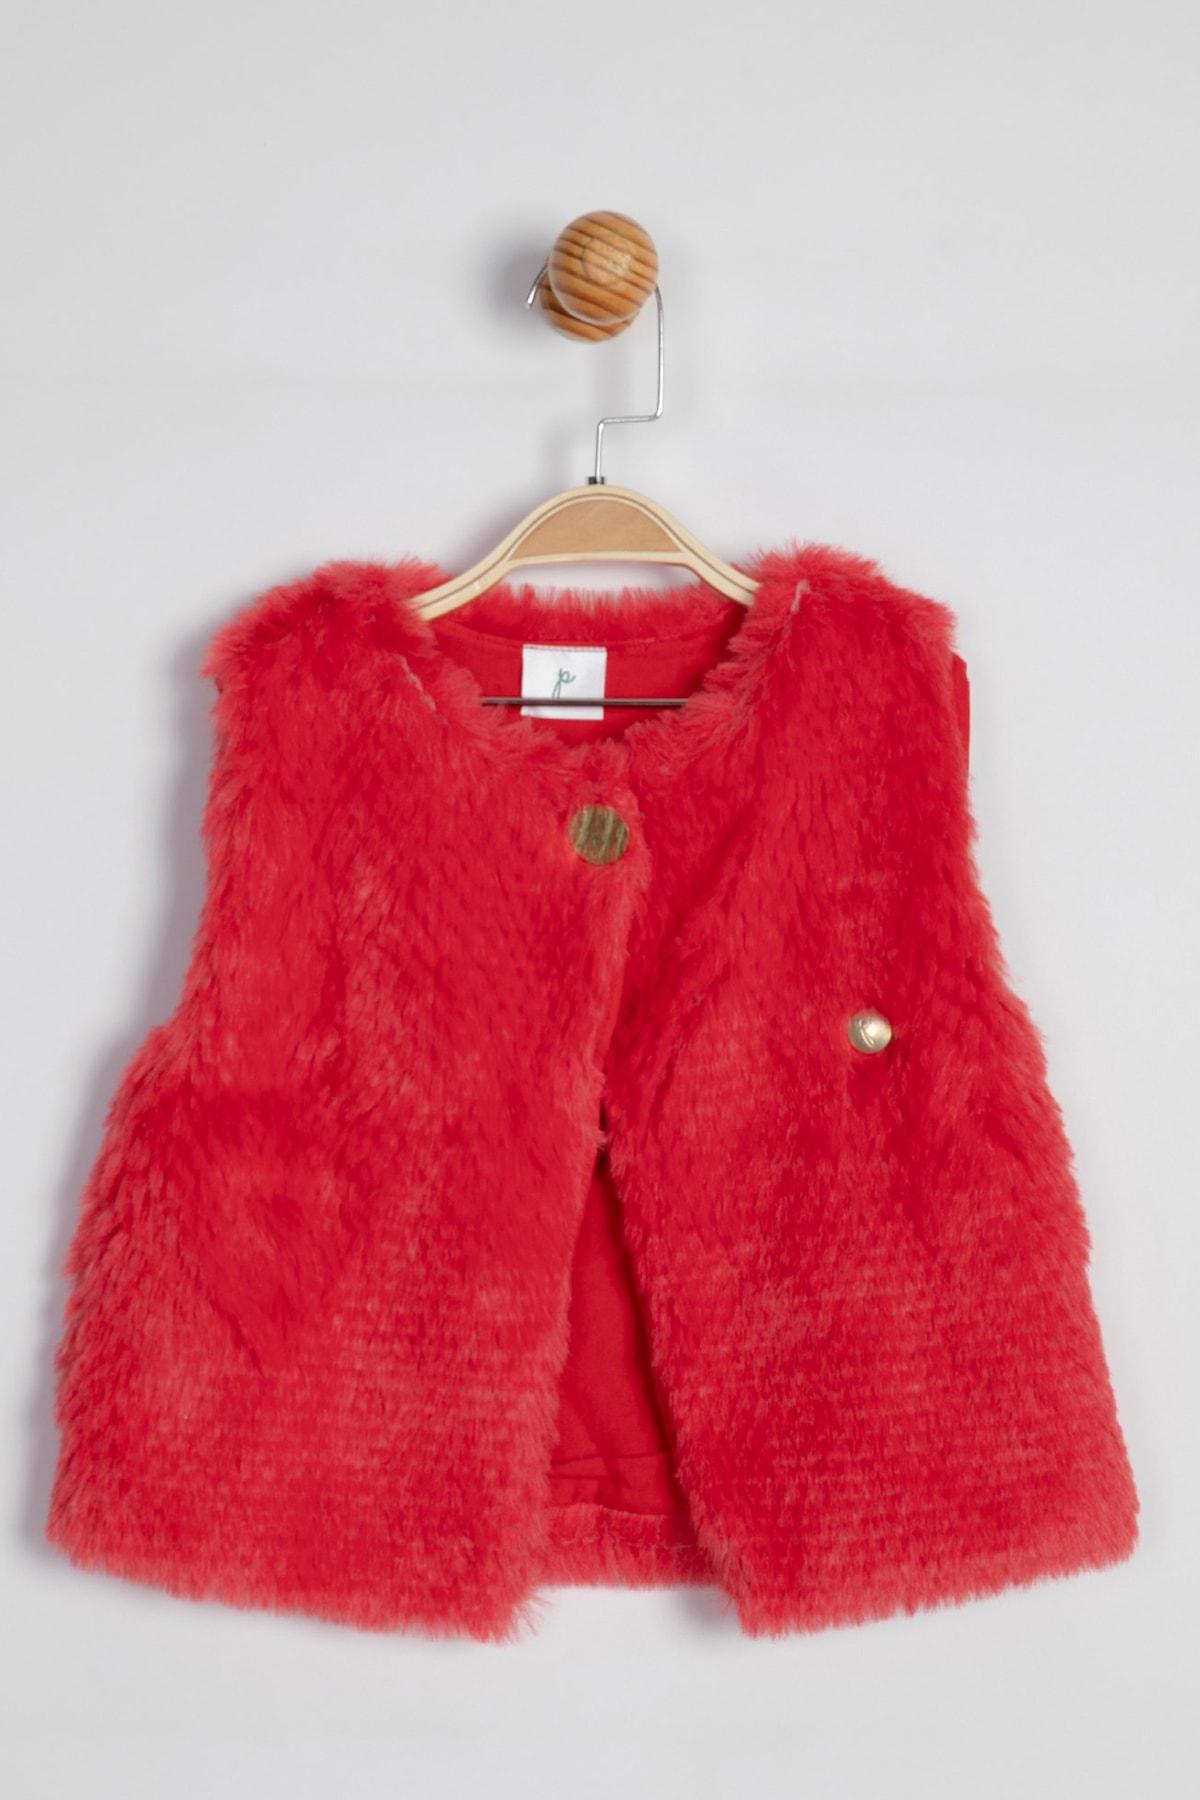 حرید اینترنتی جلیقه دخترانه ارزان برند Panolino رنگ قرمز ty33010605